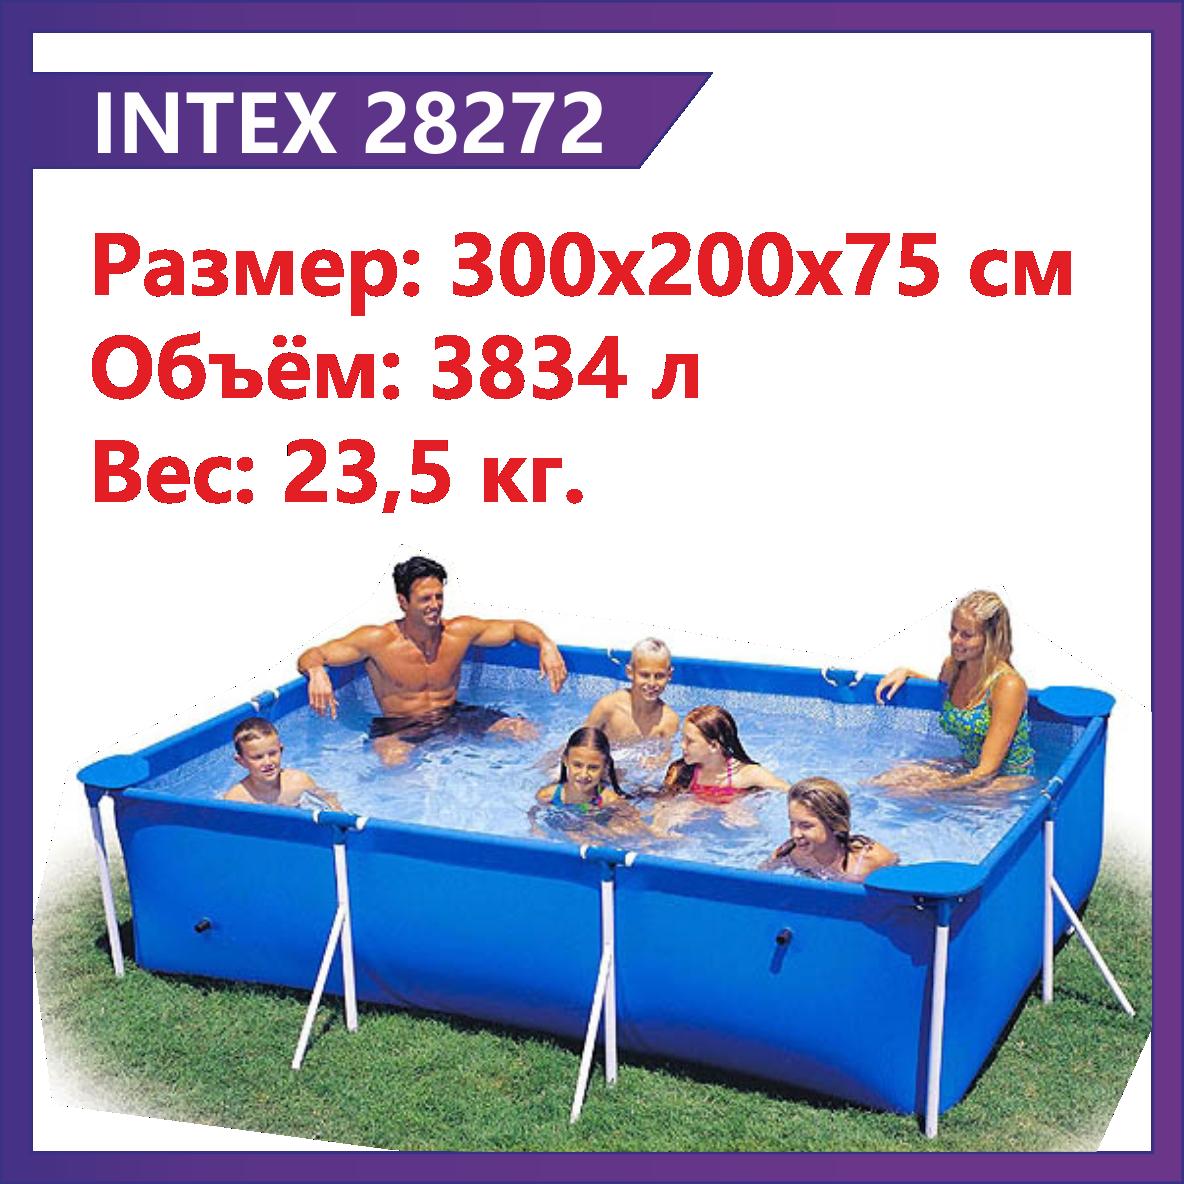 Каркасный бассейн Intex 28272, 300х200х75 см